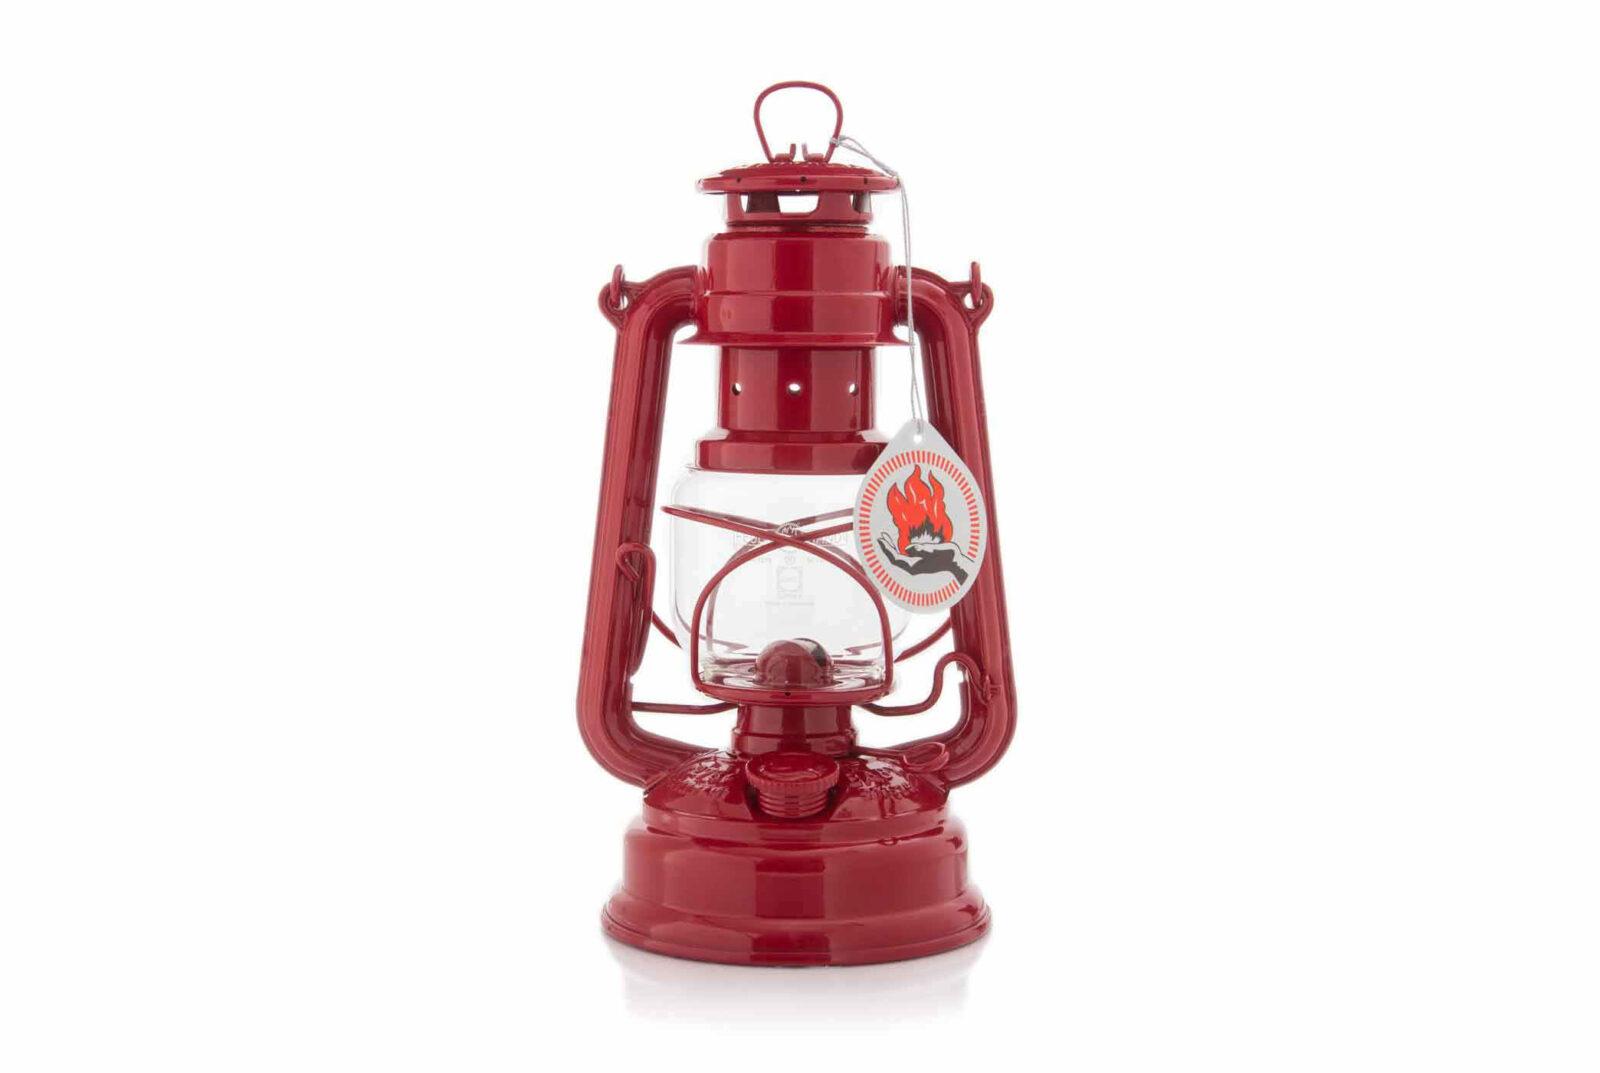 Hurricane Lantern 1600x1073 - Feuerhand Hurricane Lantern